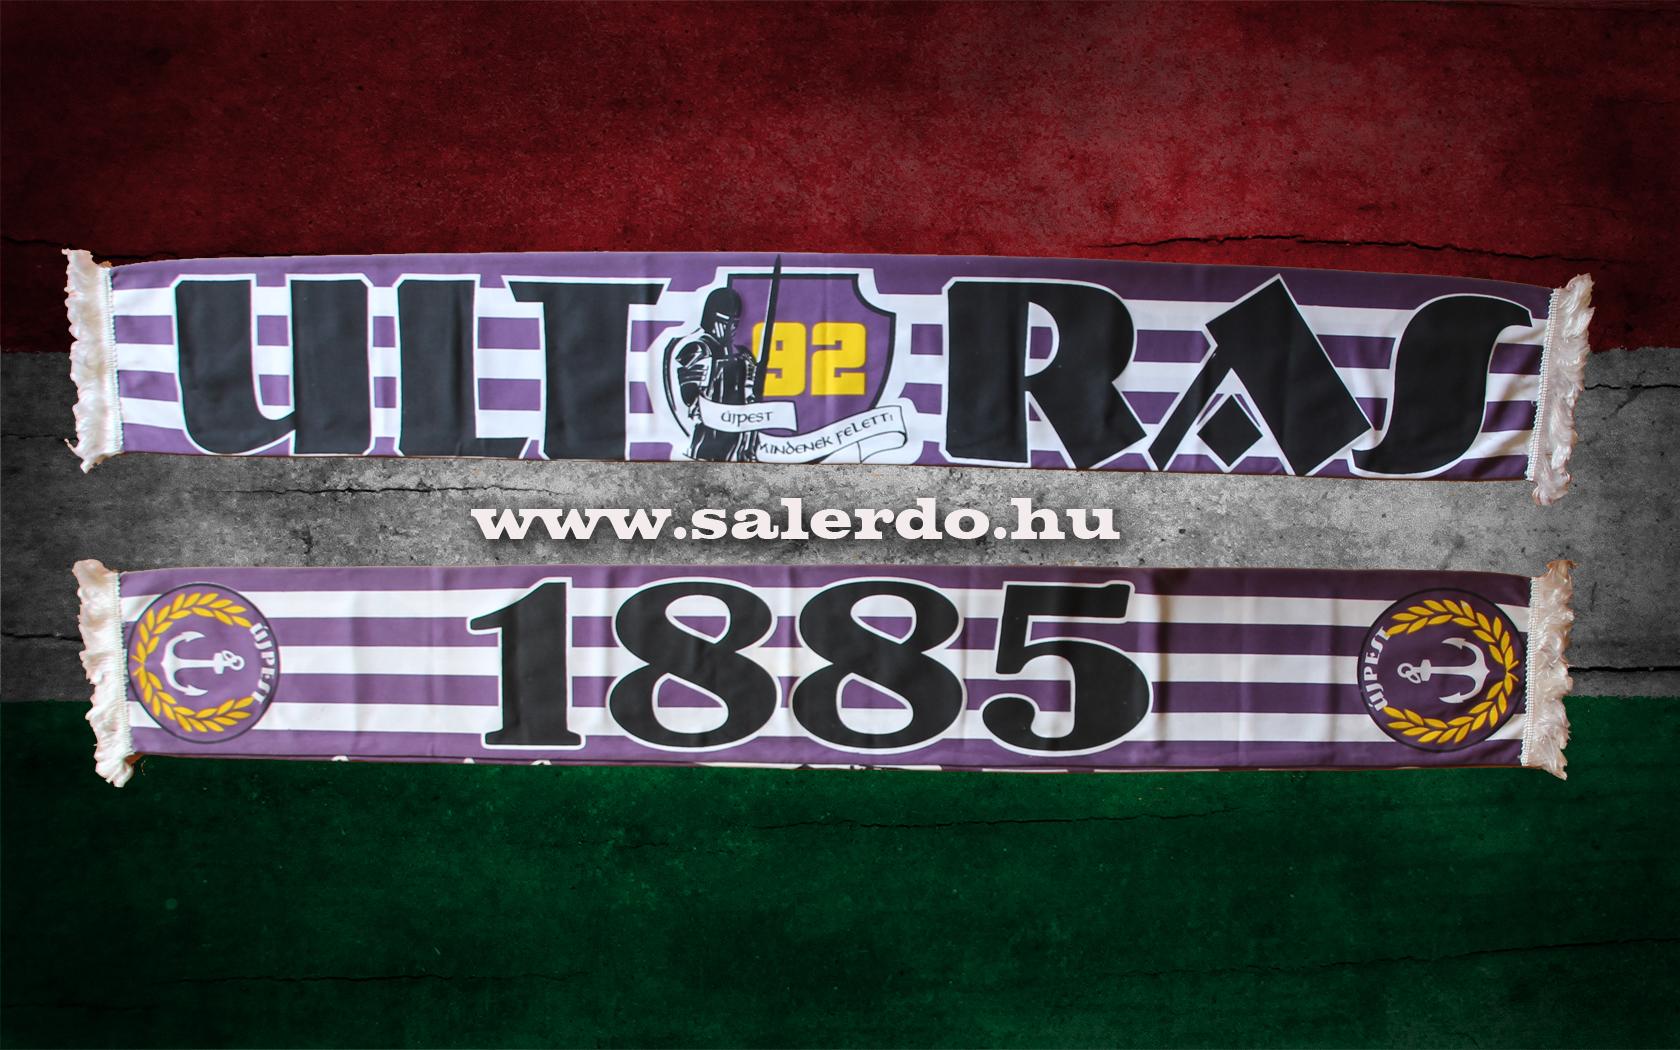 ultras1885